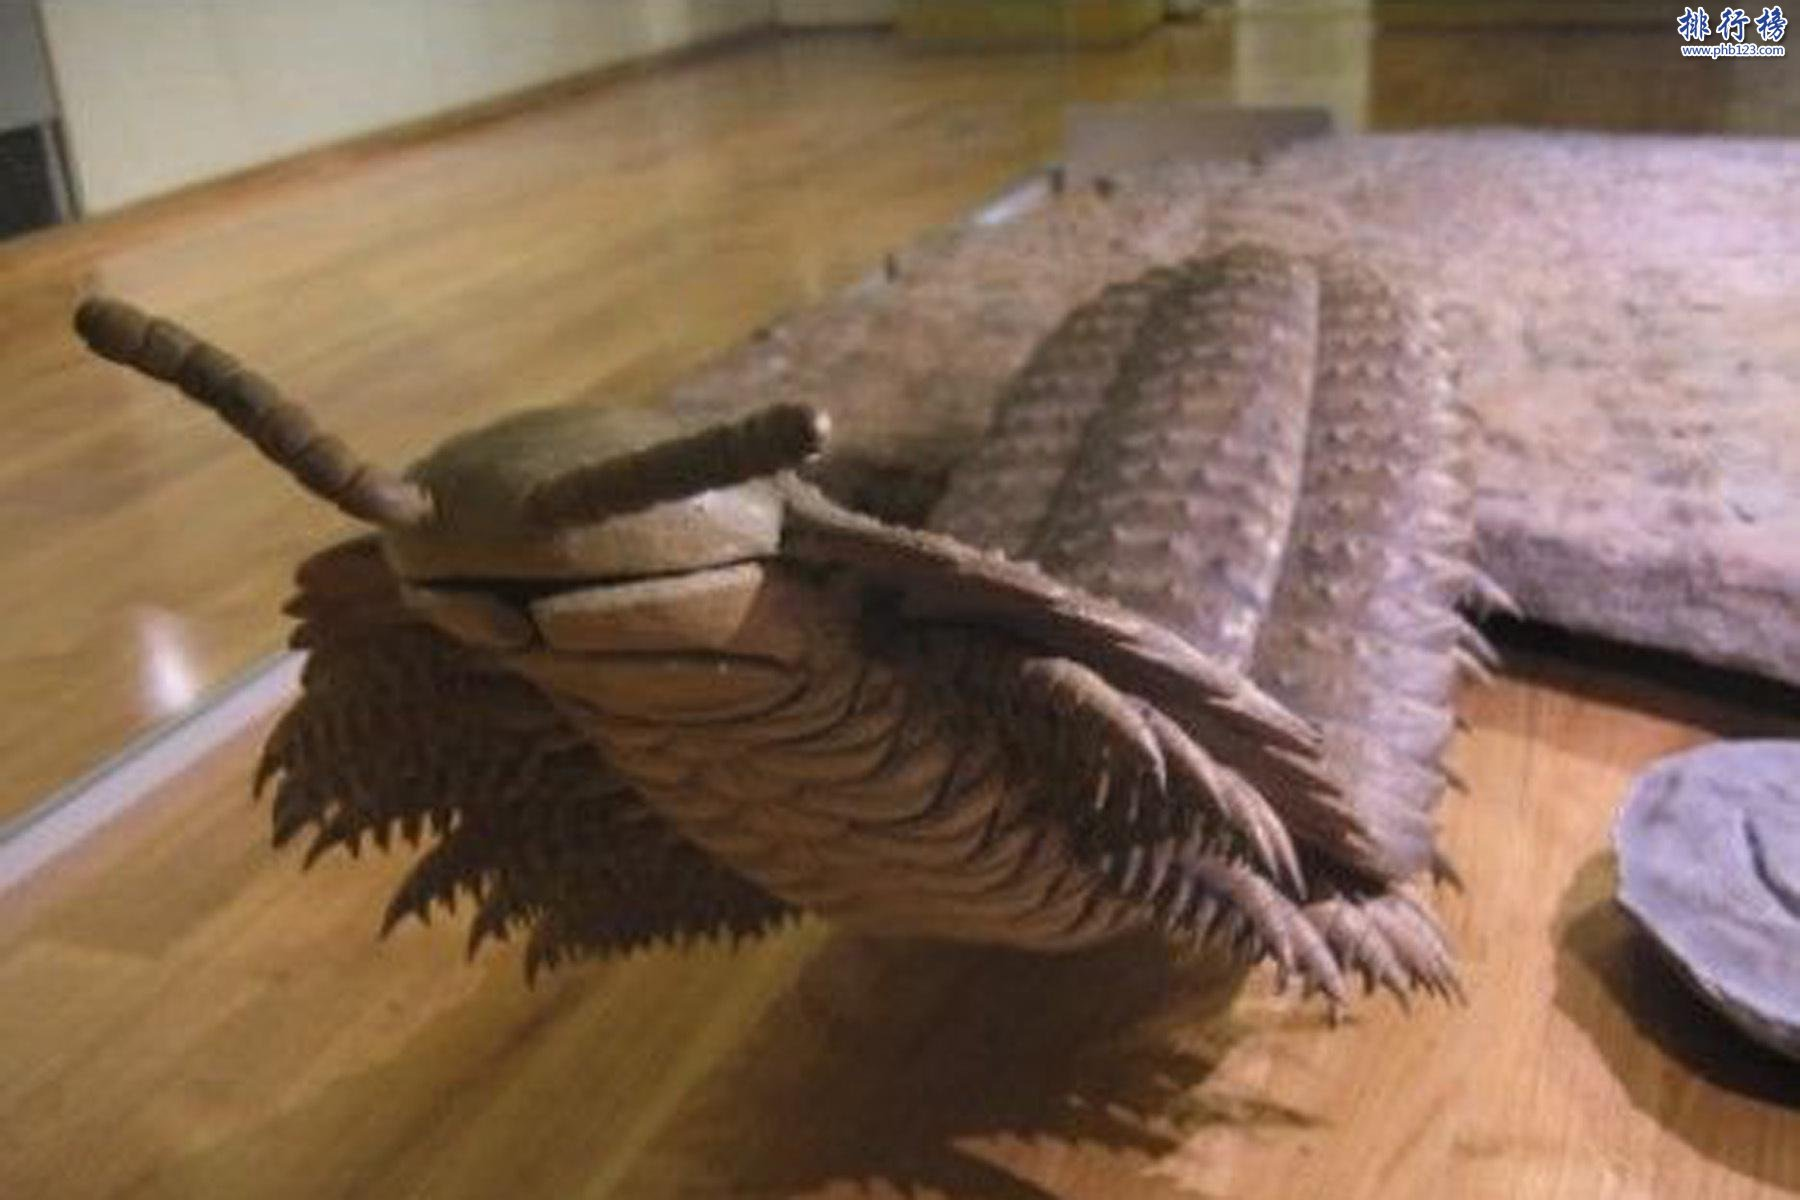 已灭绝顶级食肉动物:长2.5米的虫和与鳄鱼一样大的蜈蚣